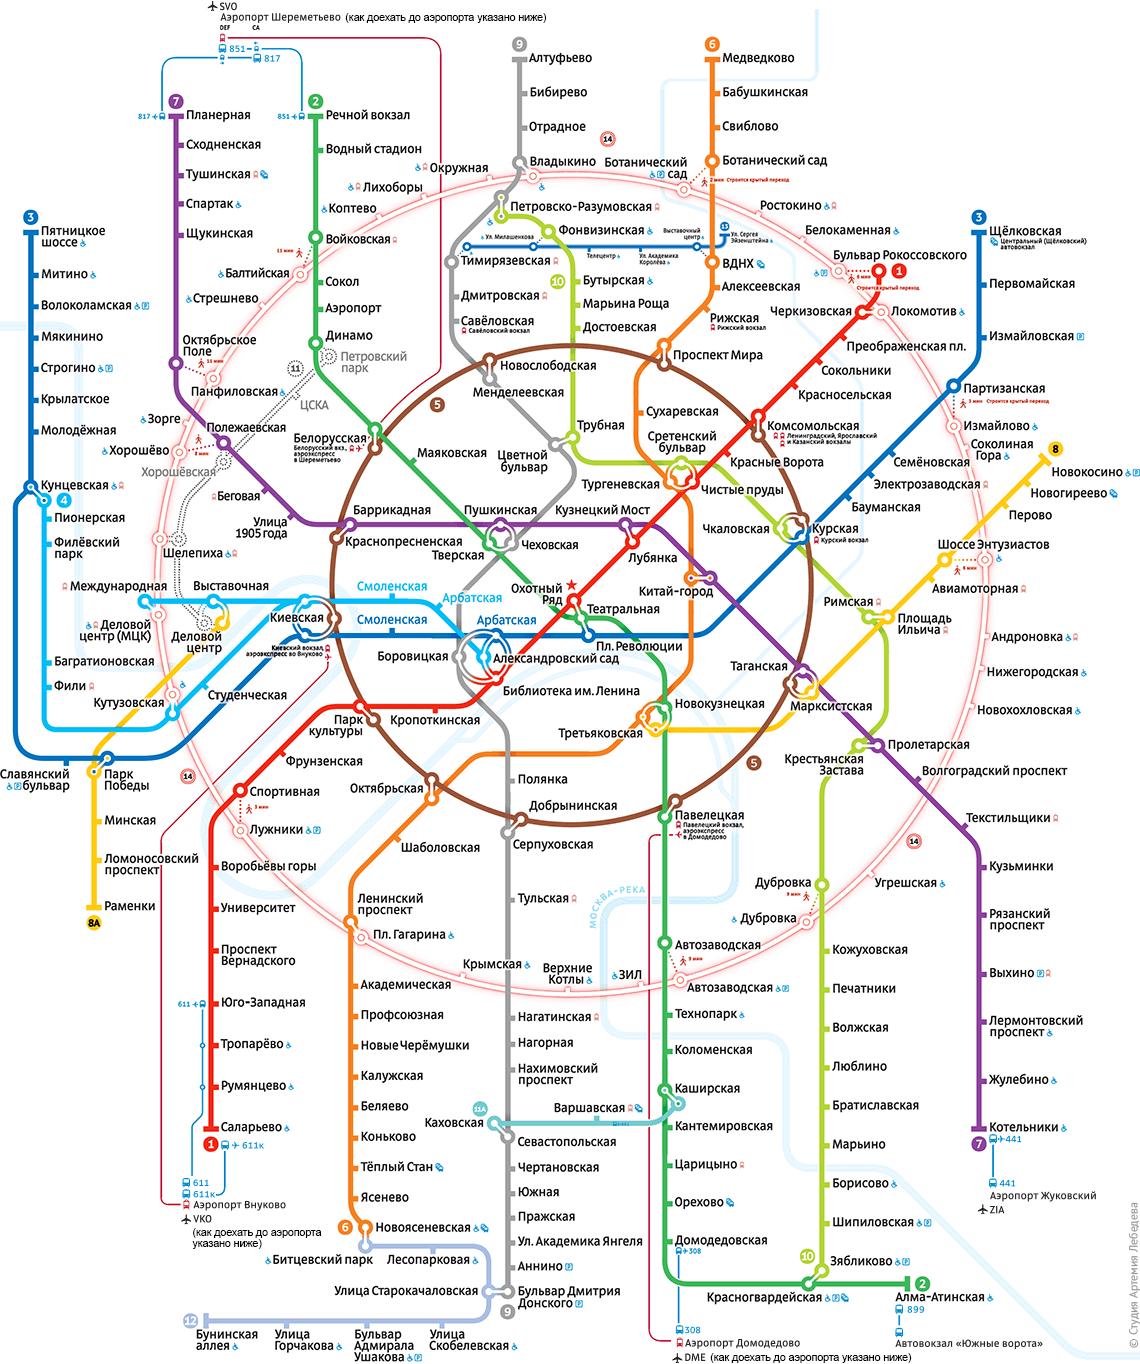 Схема метро Mосквы